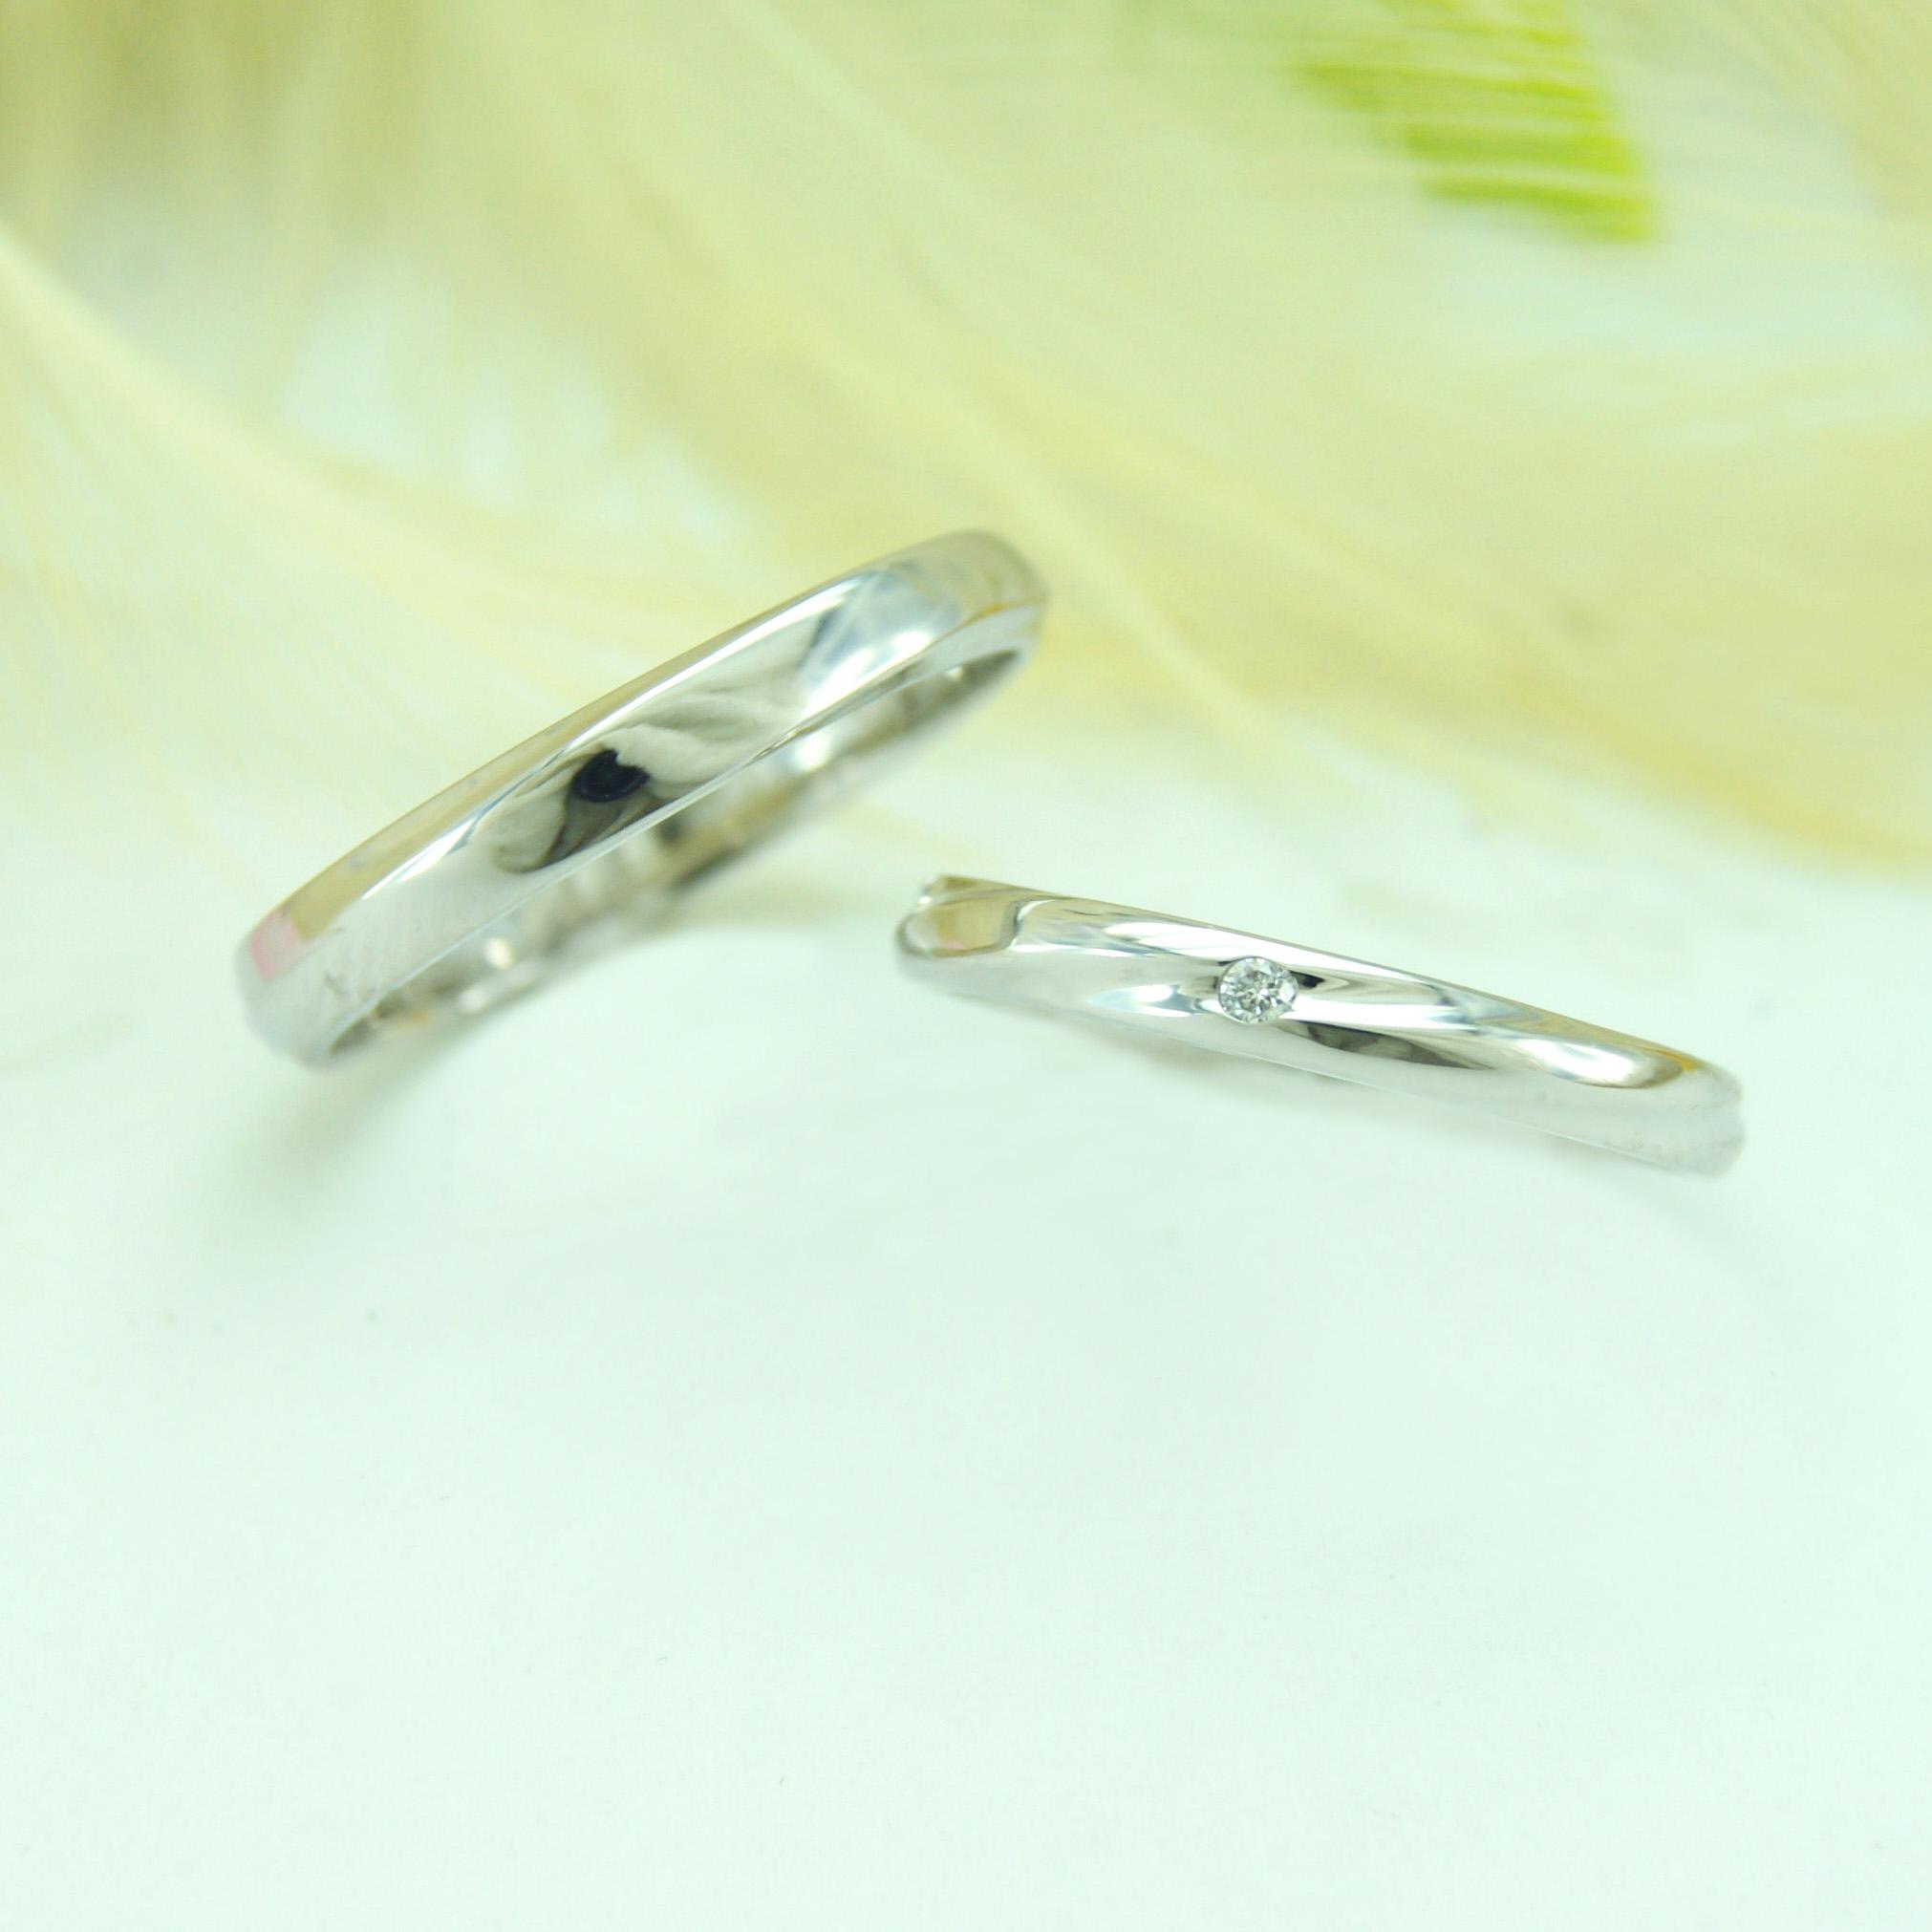 世界に一つだけの結婚指輪 kazariyaYui 福島県郡山市 シンプル